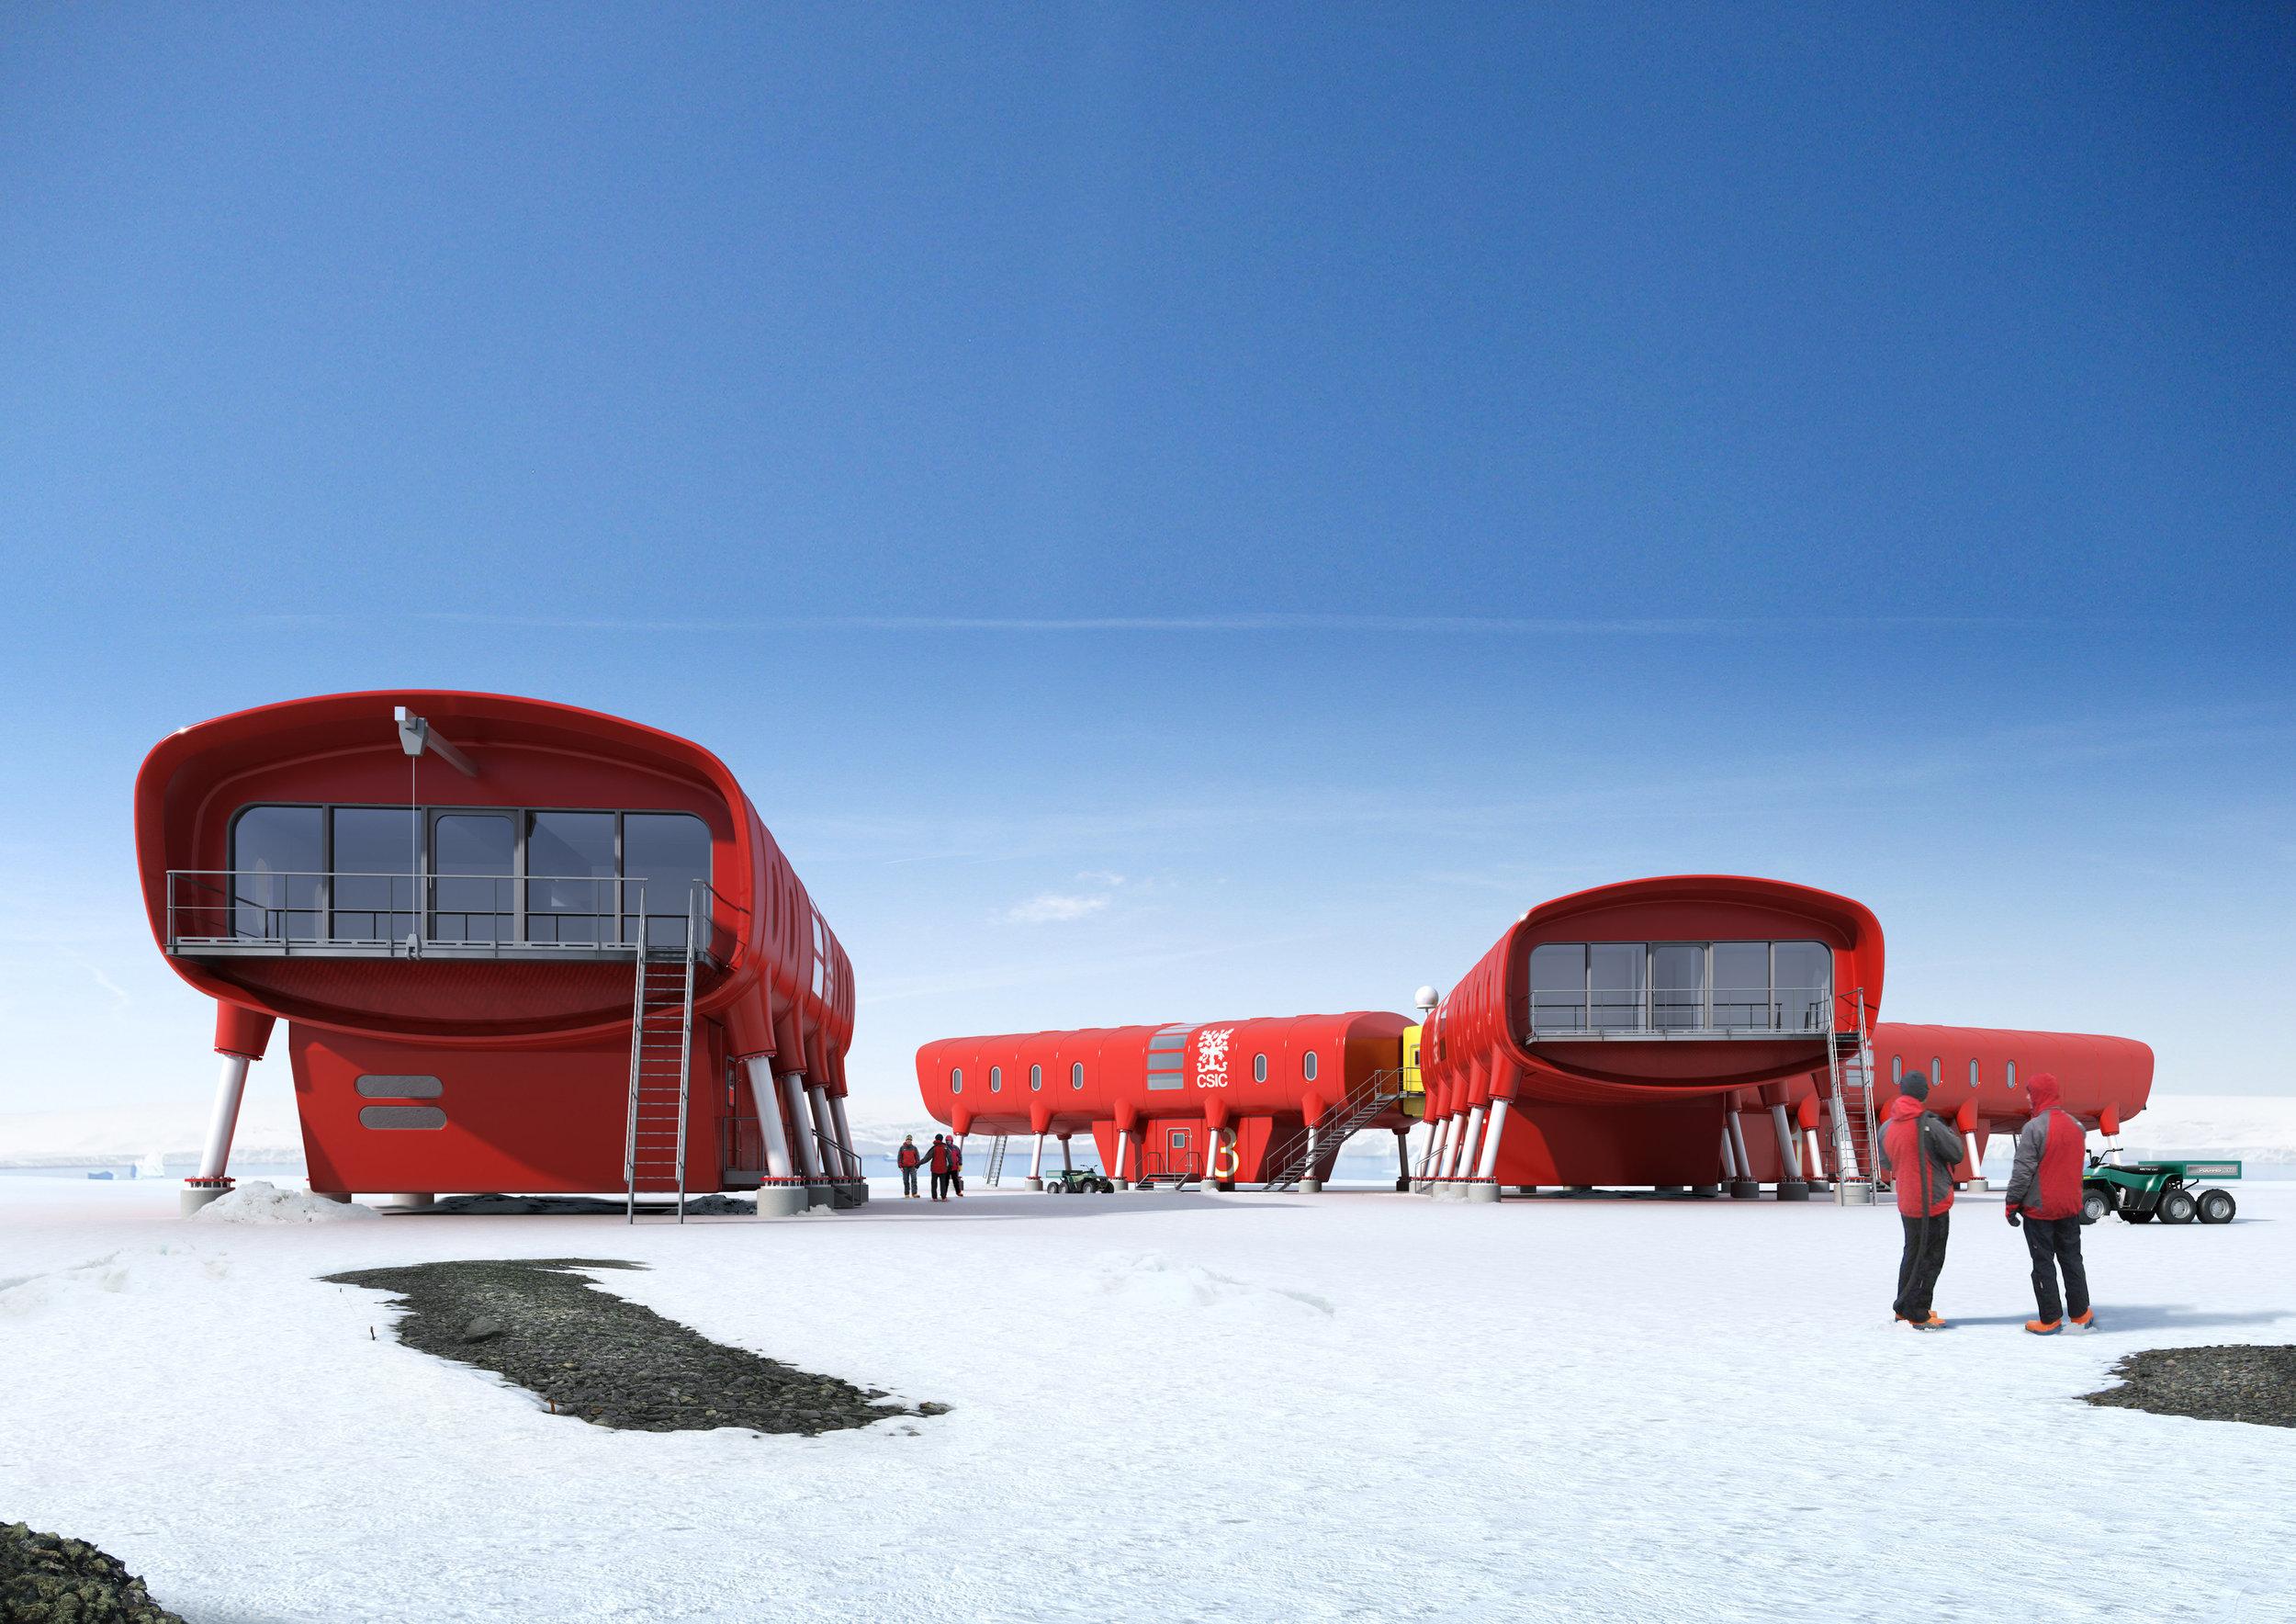 Photo credit: Spain's Juan Carlos 1 Antarctic Research Station by Consejo Superior de Investigaciones Científicas